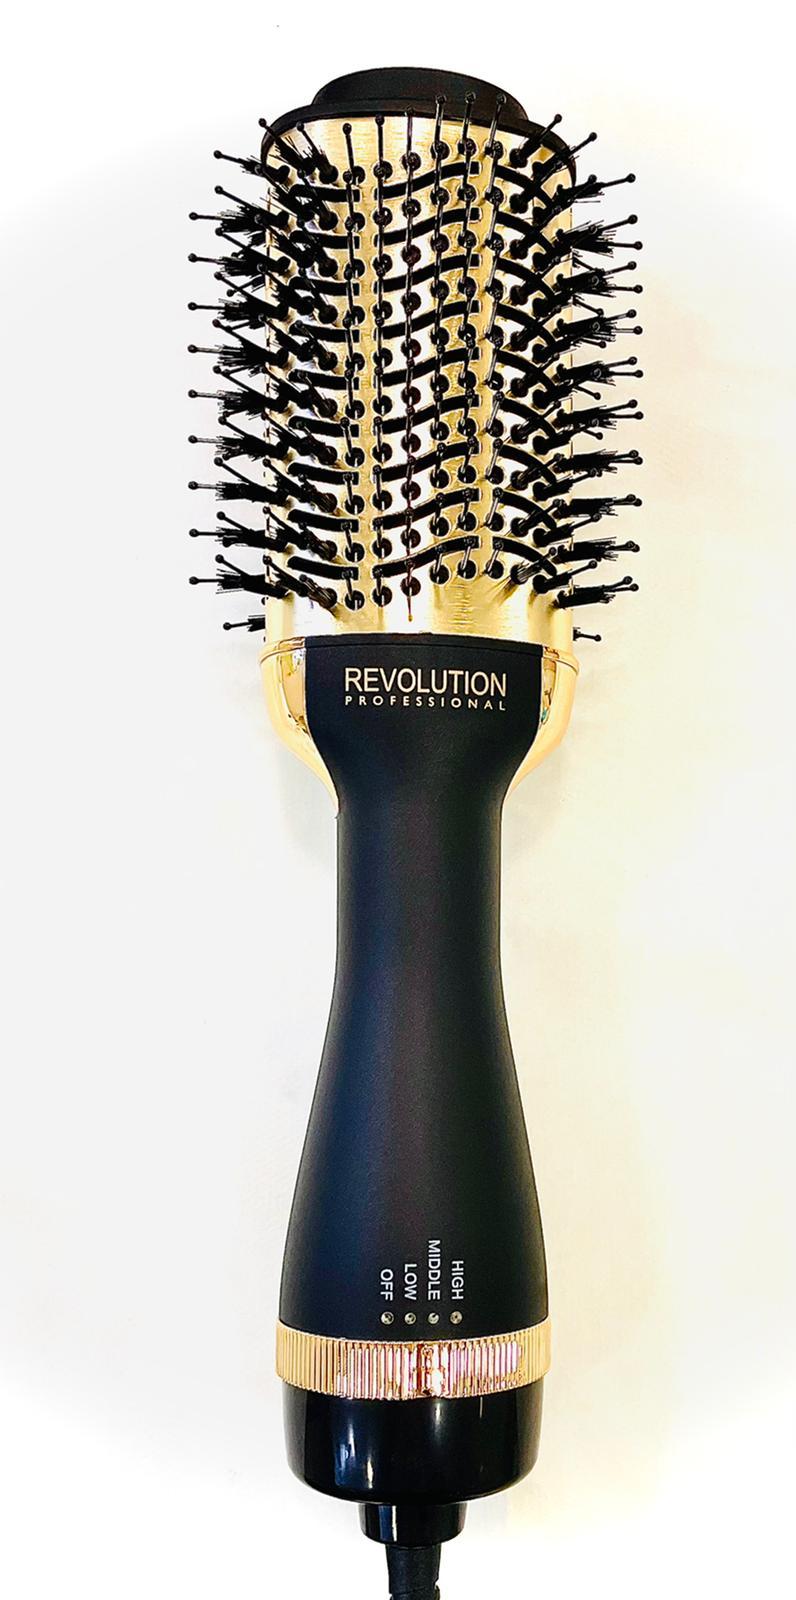 מברשת פן Revolution